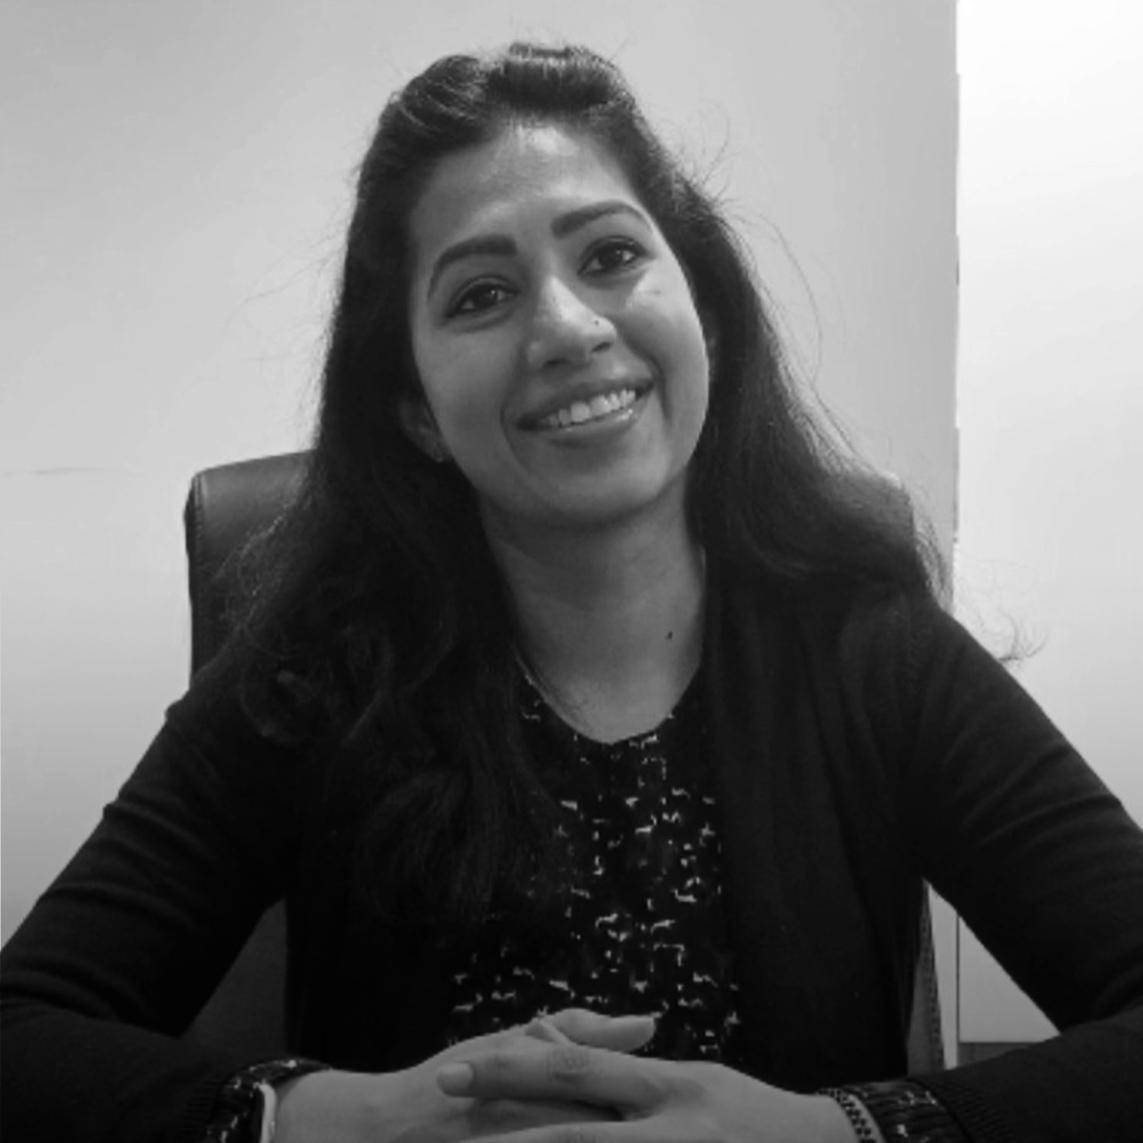 Photo of Shikha Anand